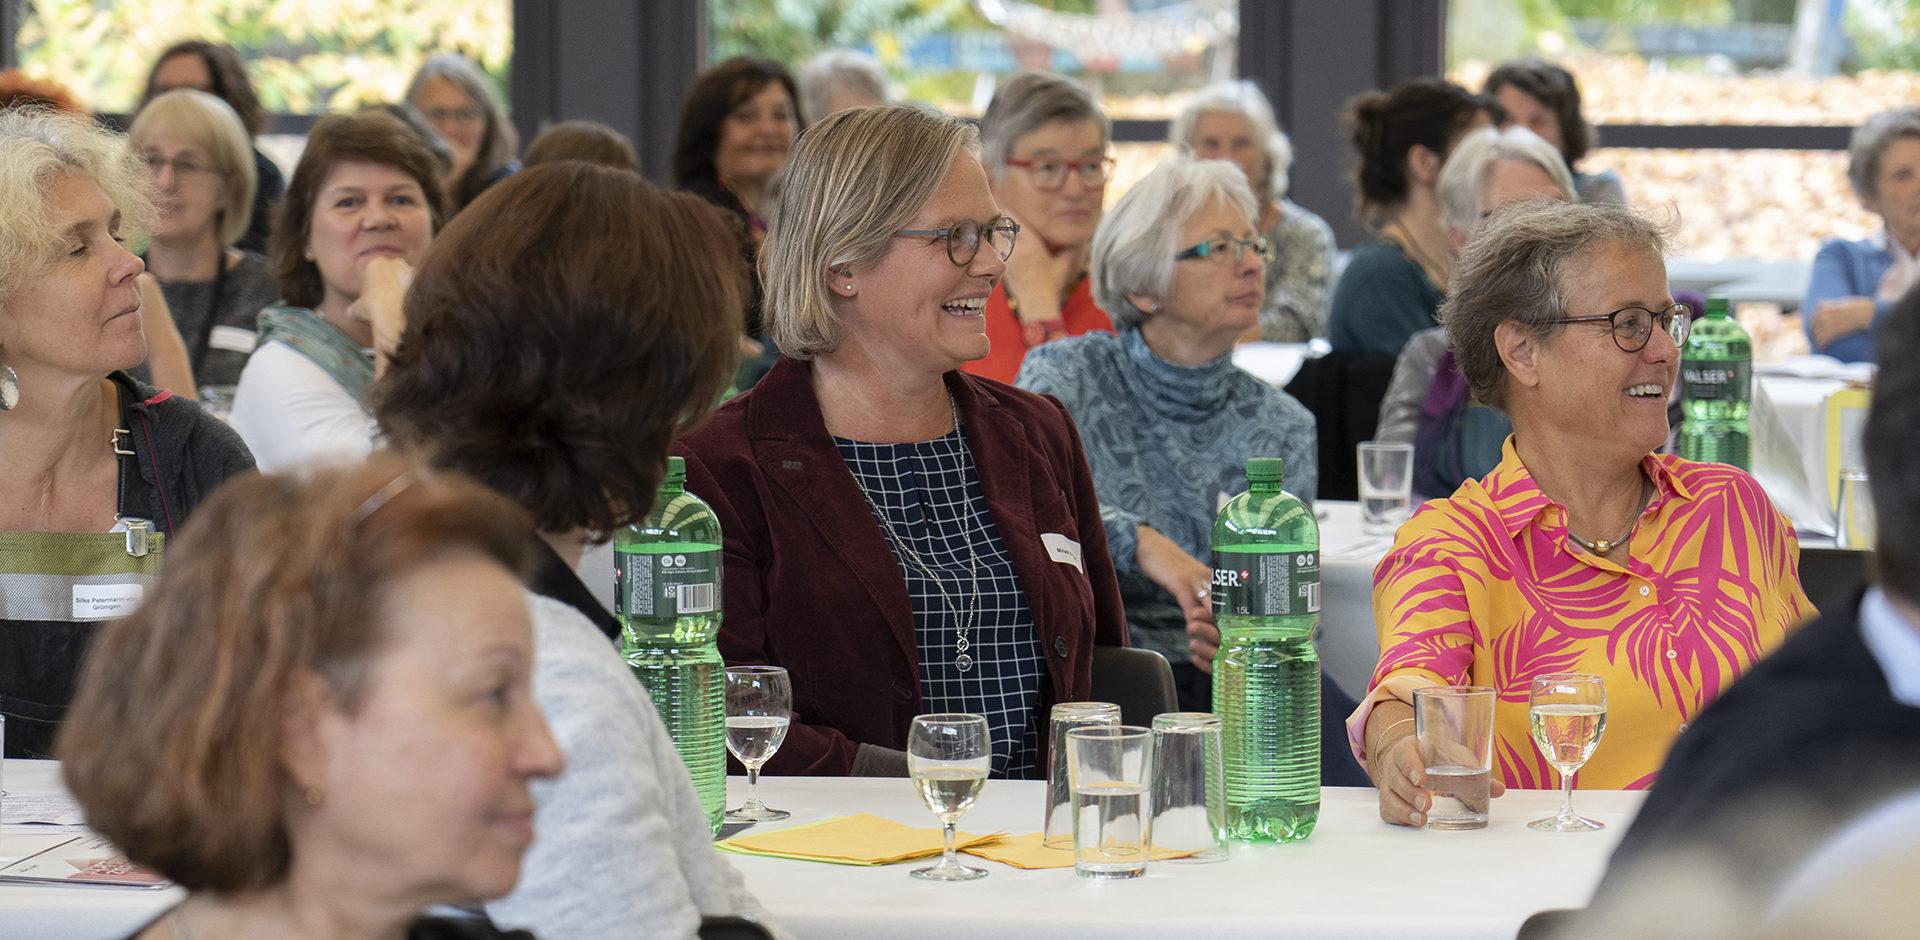 Versammlung Frauenkonferenz, Jubiläum